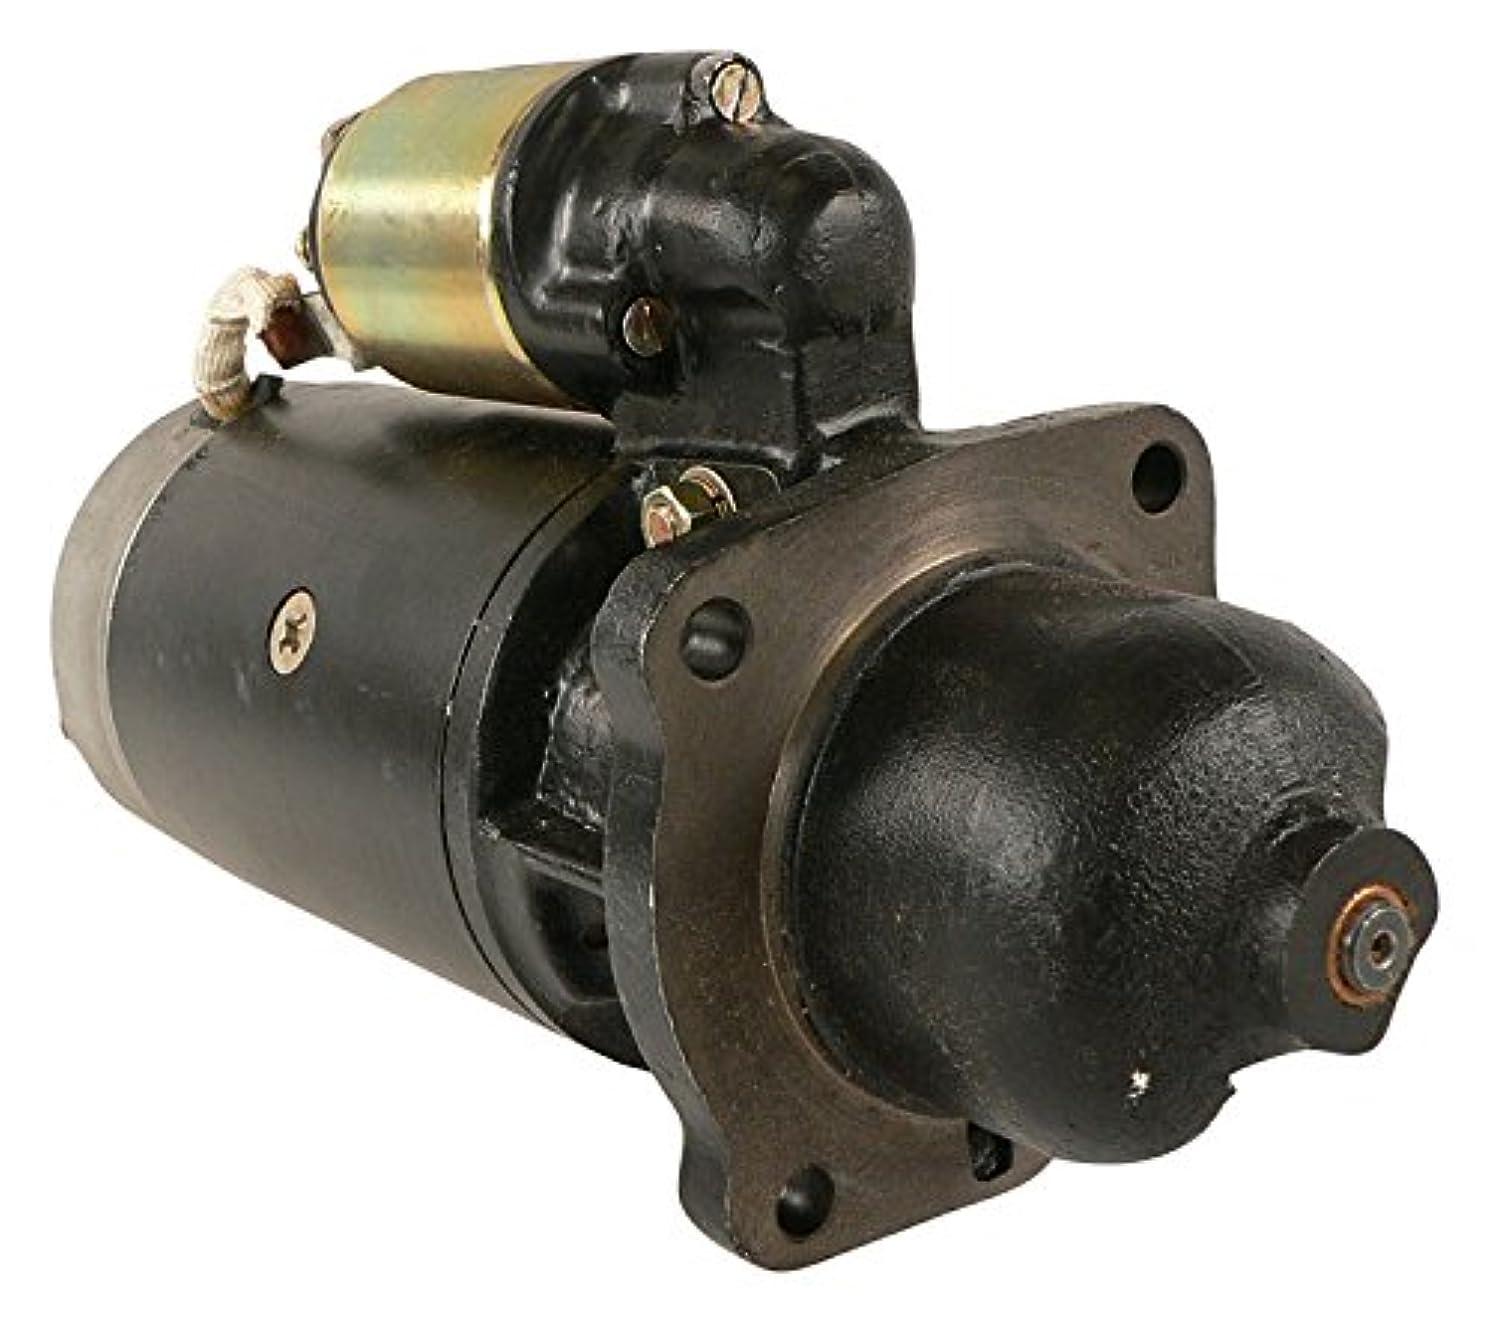 DB Electrical SBO0005 New Starter For Fuchs,Iveco,Marine 24 Volt, F3L911, 118M Excavator W F6L912 Deutz 1975-1986, Khd With F3L911 F6L911 F4L911 F3L912 01173241-9 1173241 BSR913X IS0491 MS386 4-6956